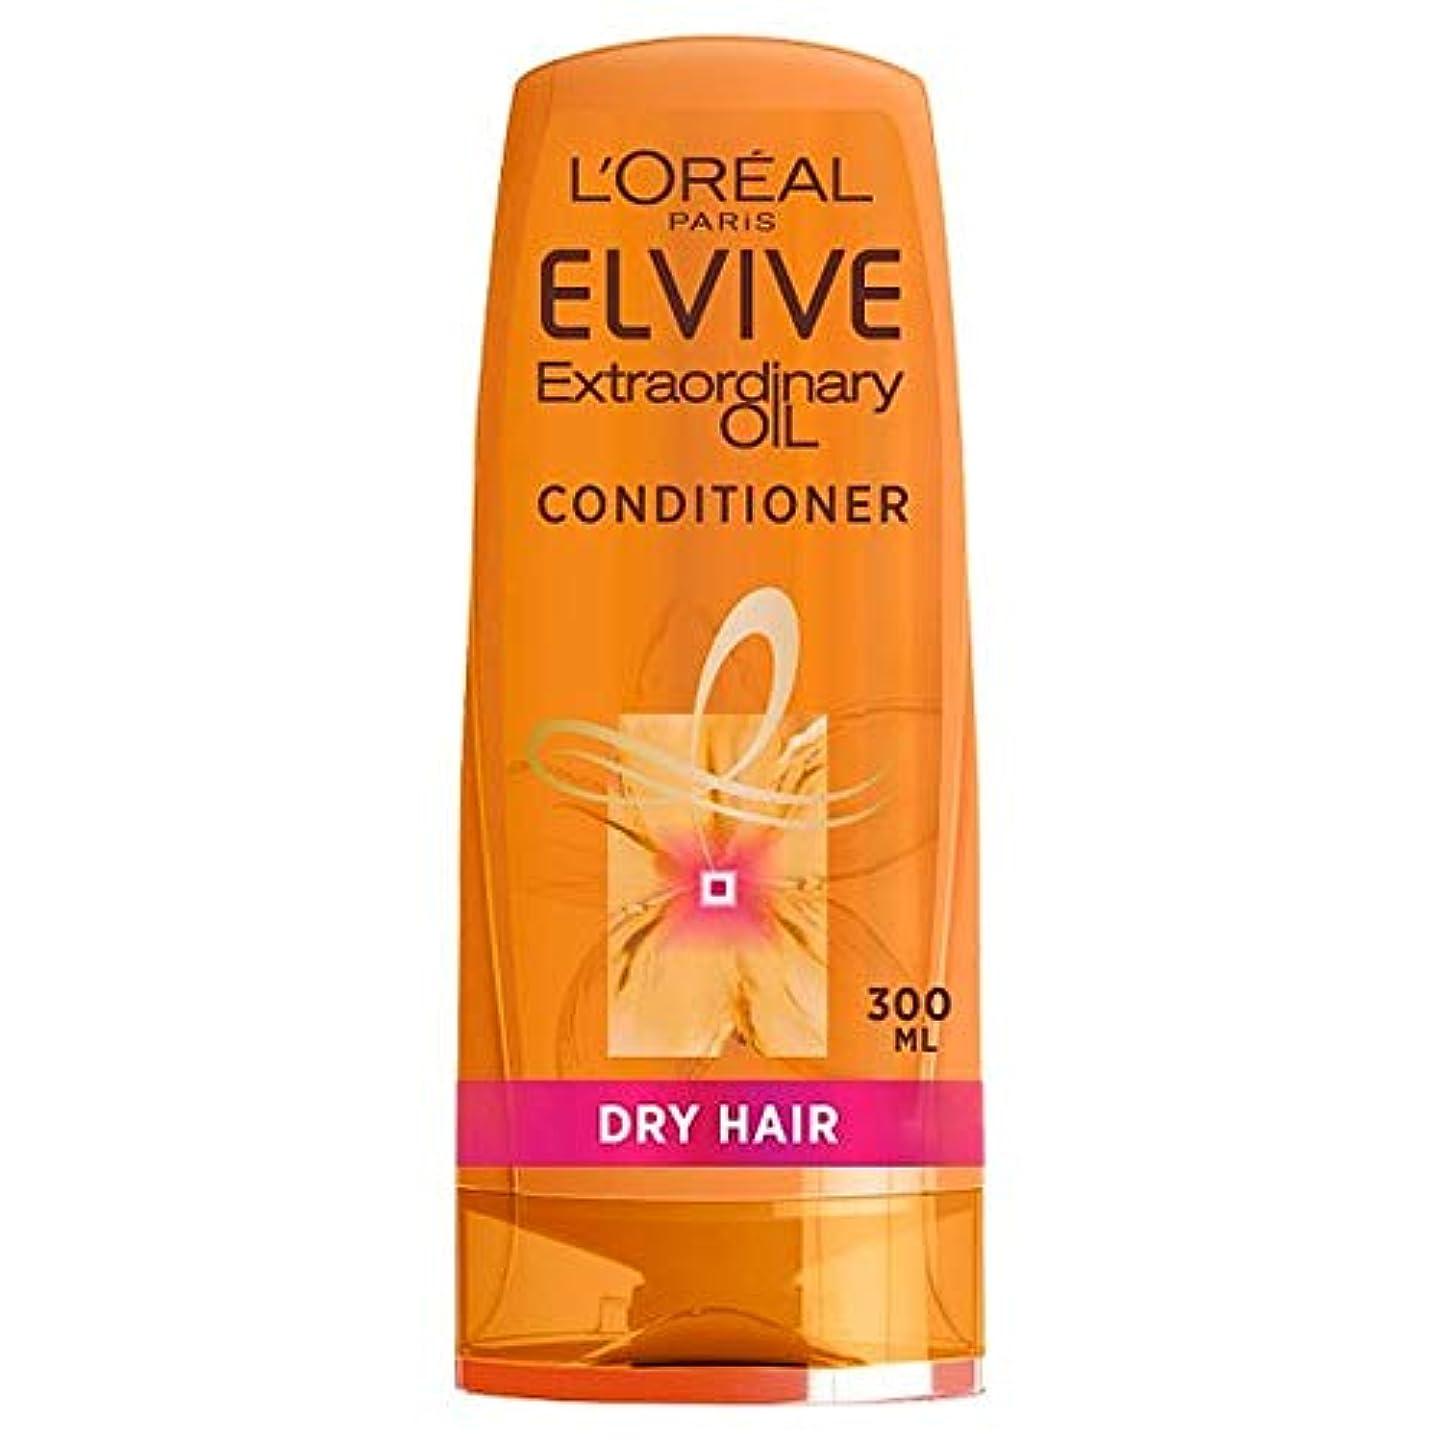 反抗処分した無意識[Elvive] ロレアルElvive臨時オイルドライヘアコンディショナー300ミリリットル - L'oreal Elvive Extraordinary Oil Dry Hair Conditioner 300Ml [...